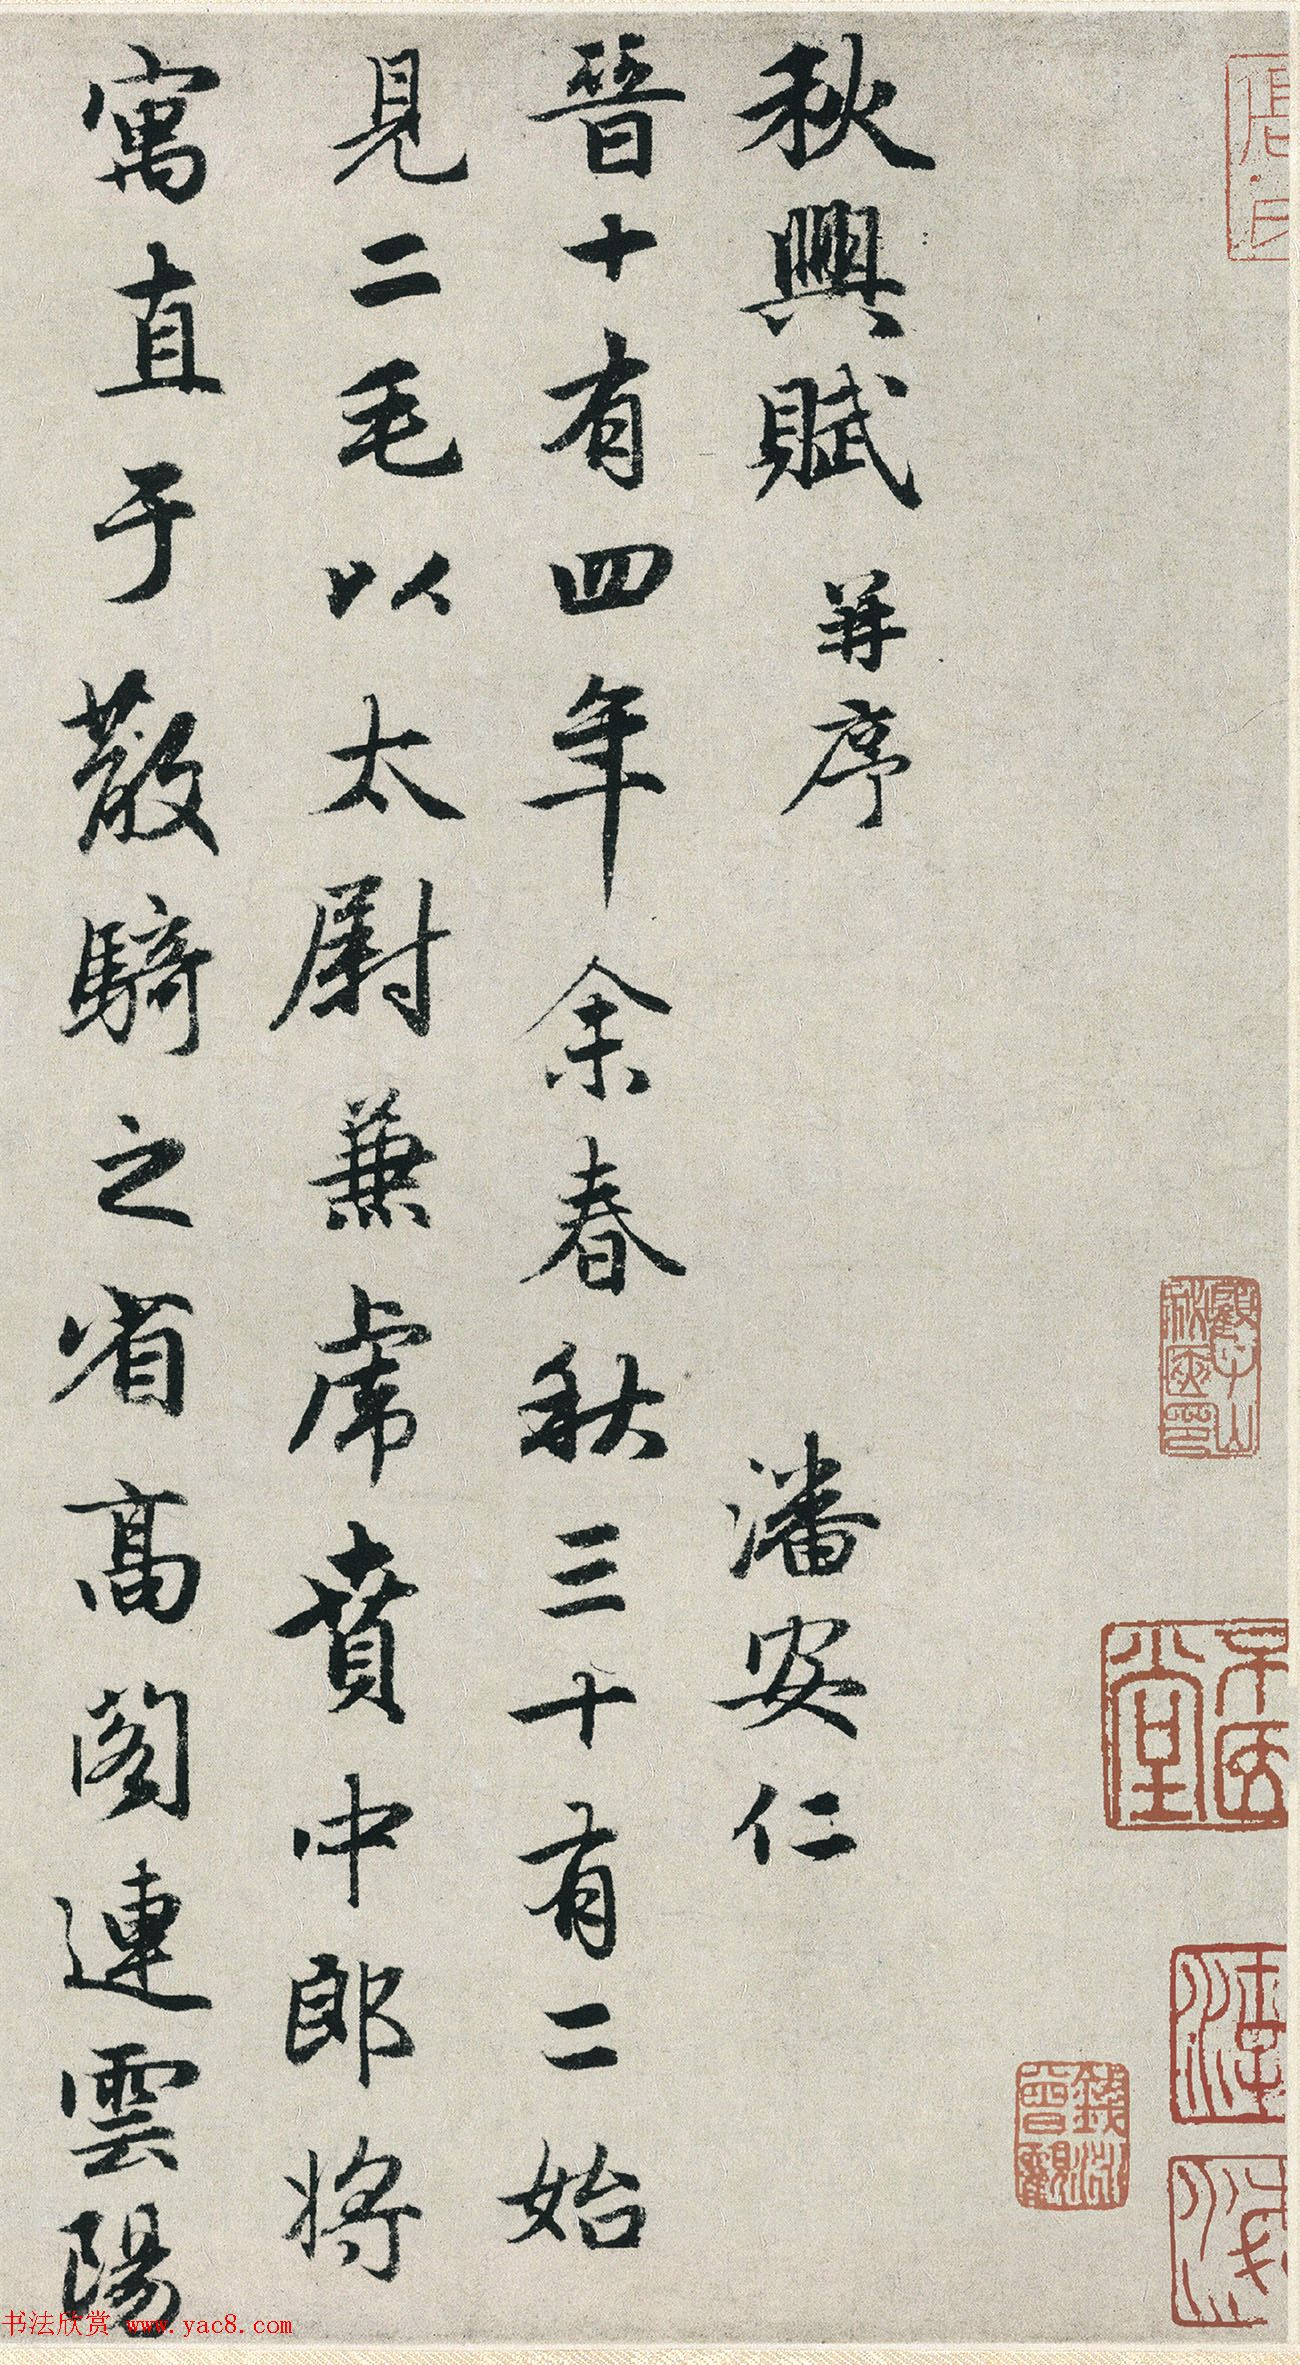 赵孟頫行书《潘安仁秋兴赋卷》